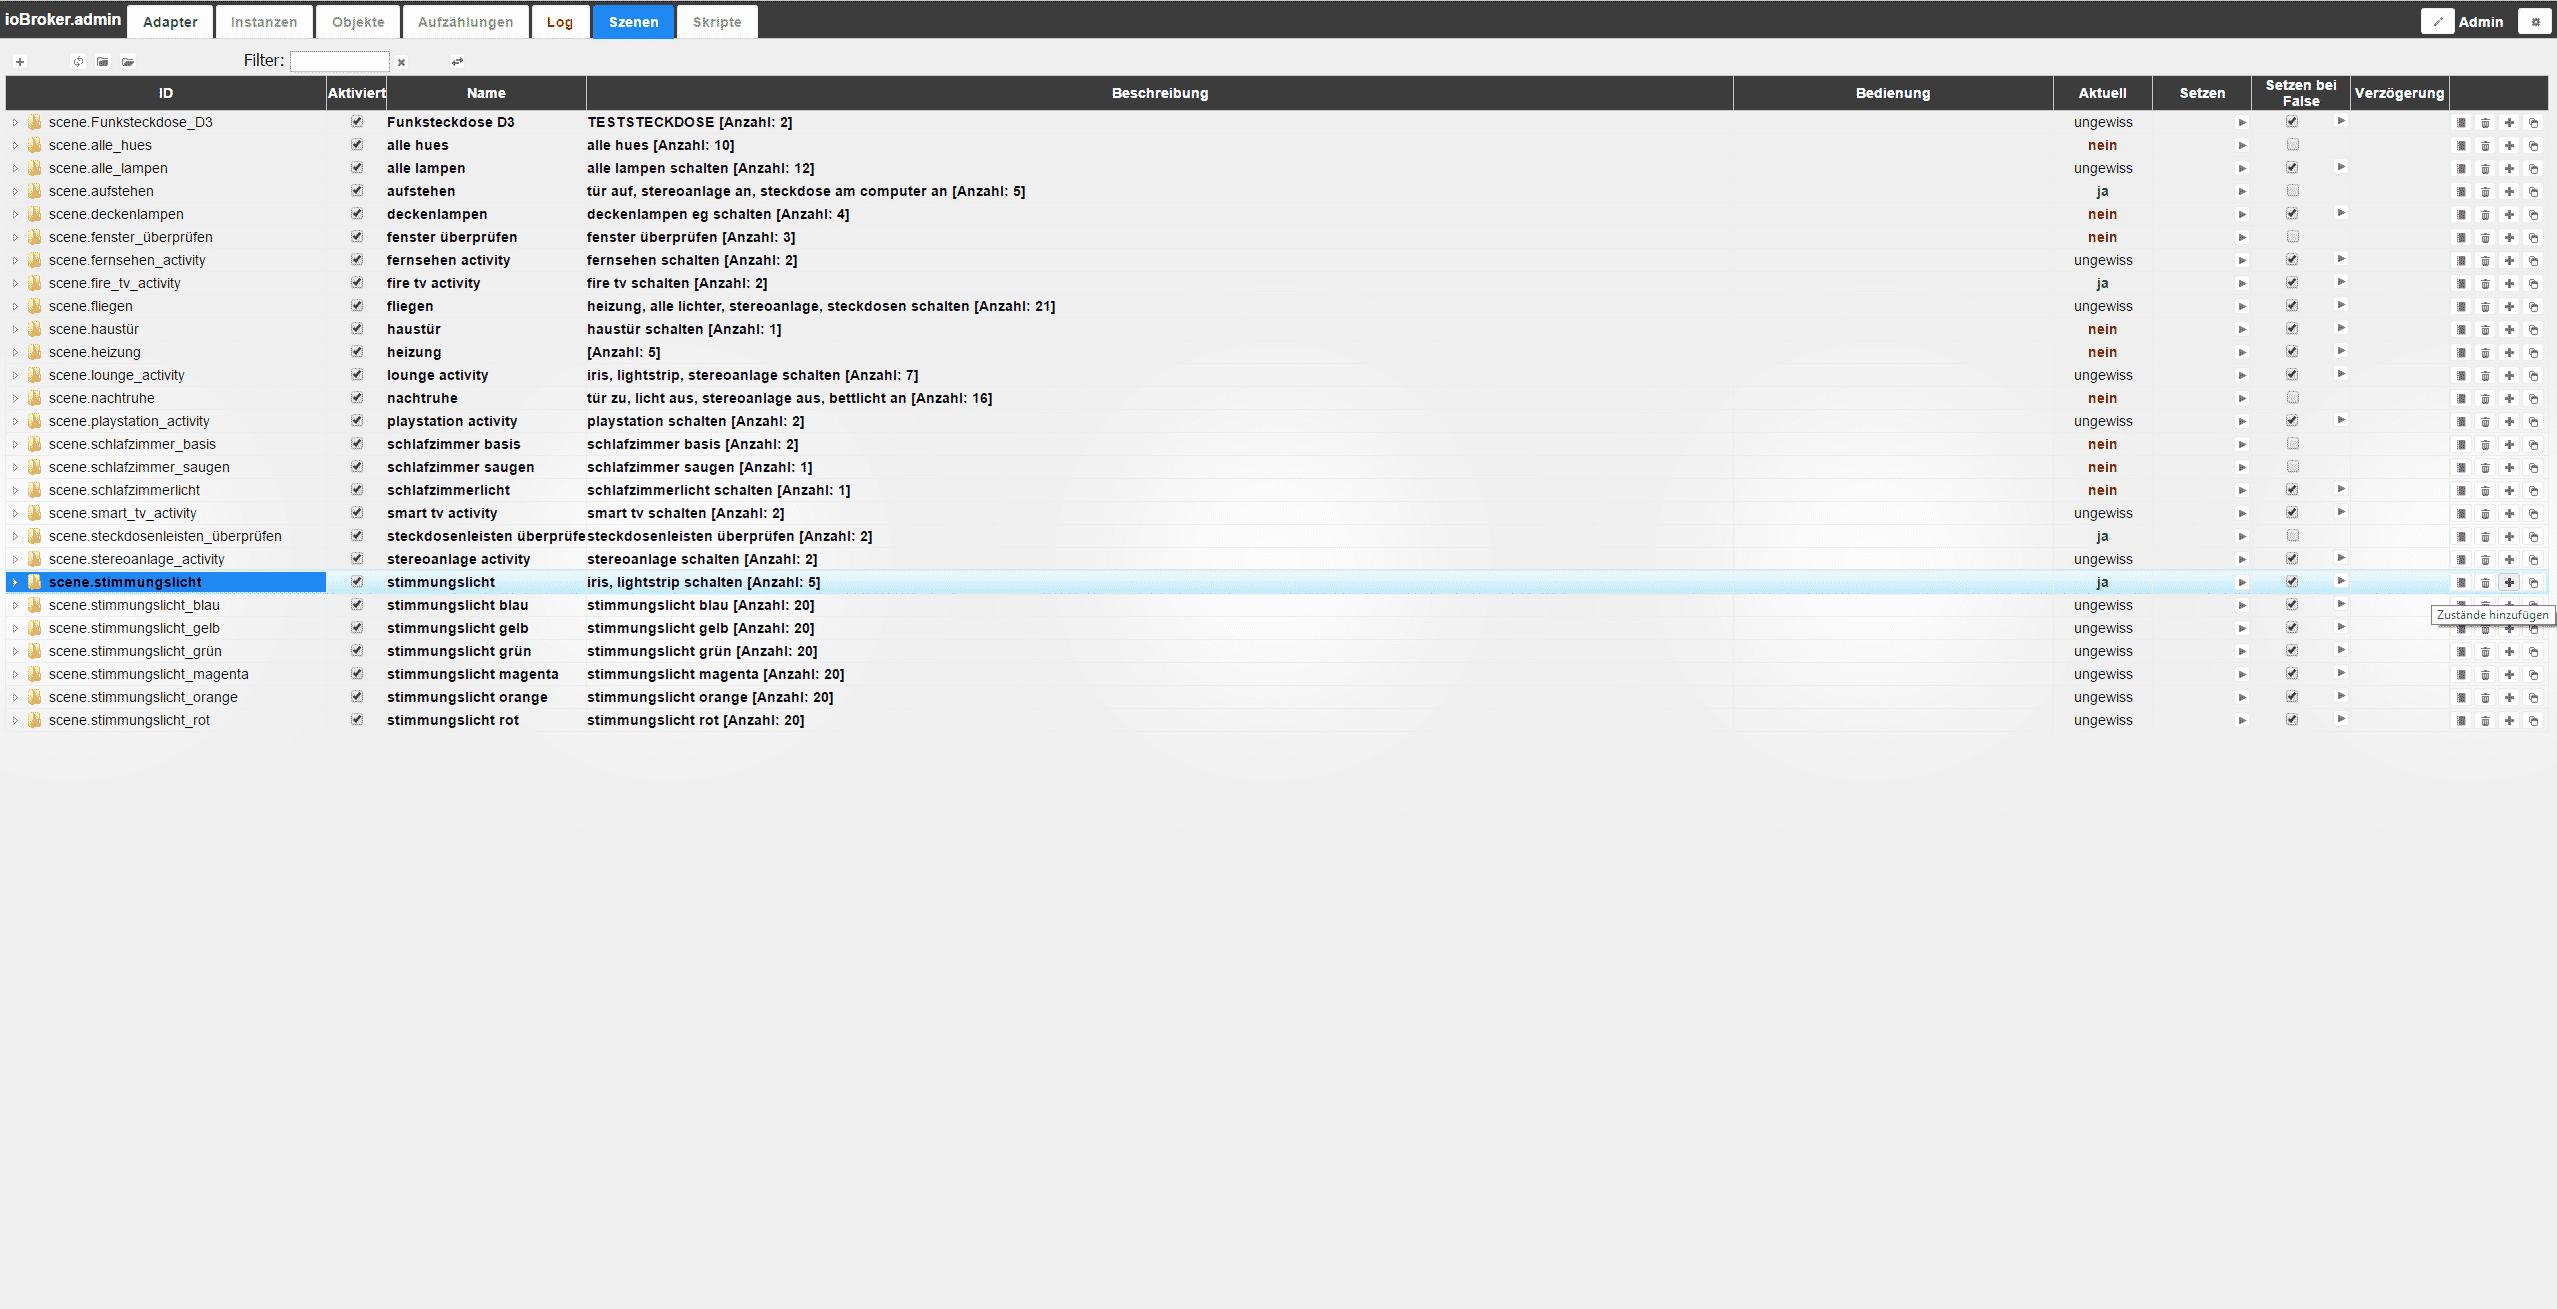 Szenen-in-ioBroker-erstellen-und-mit-Amazon-Alexa-steuern-9